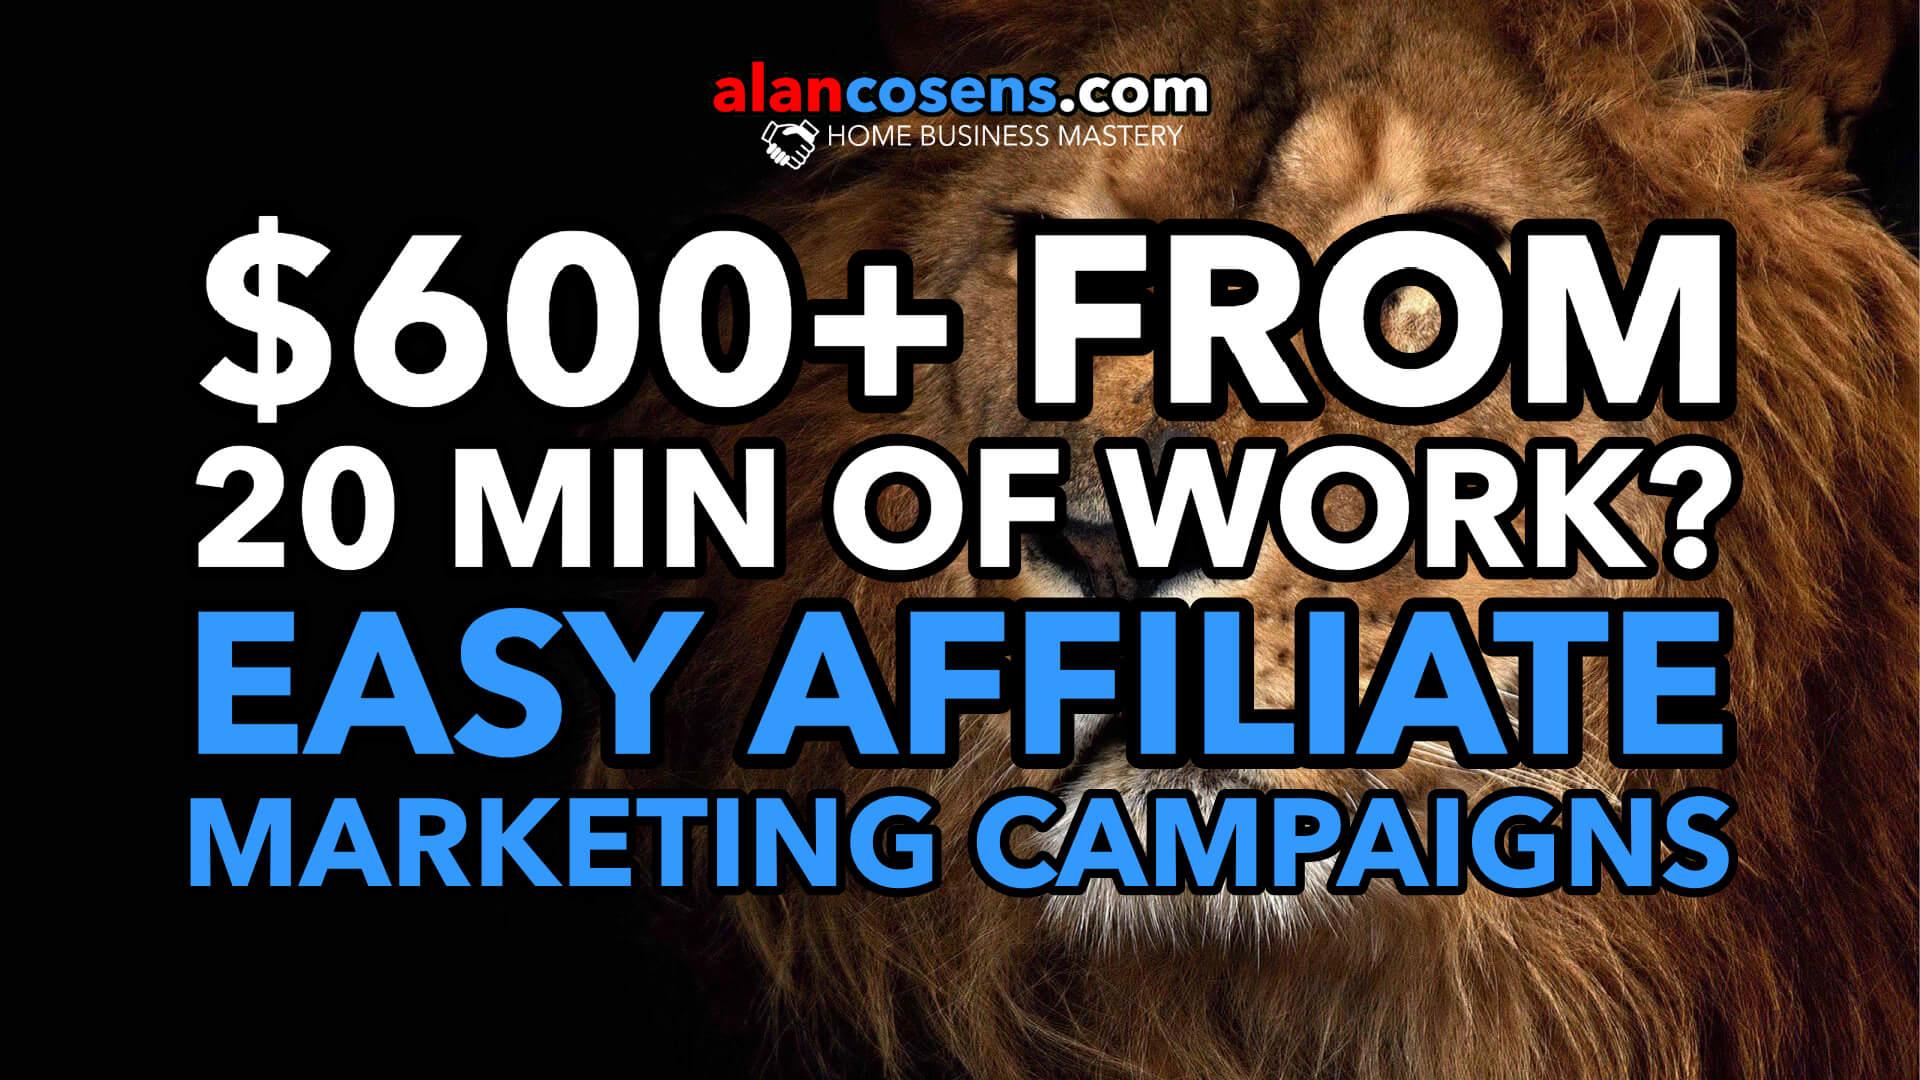 Easy Affiliate Marketing, Full Demonstration